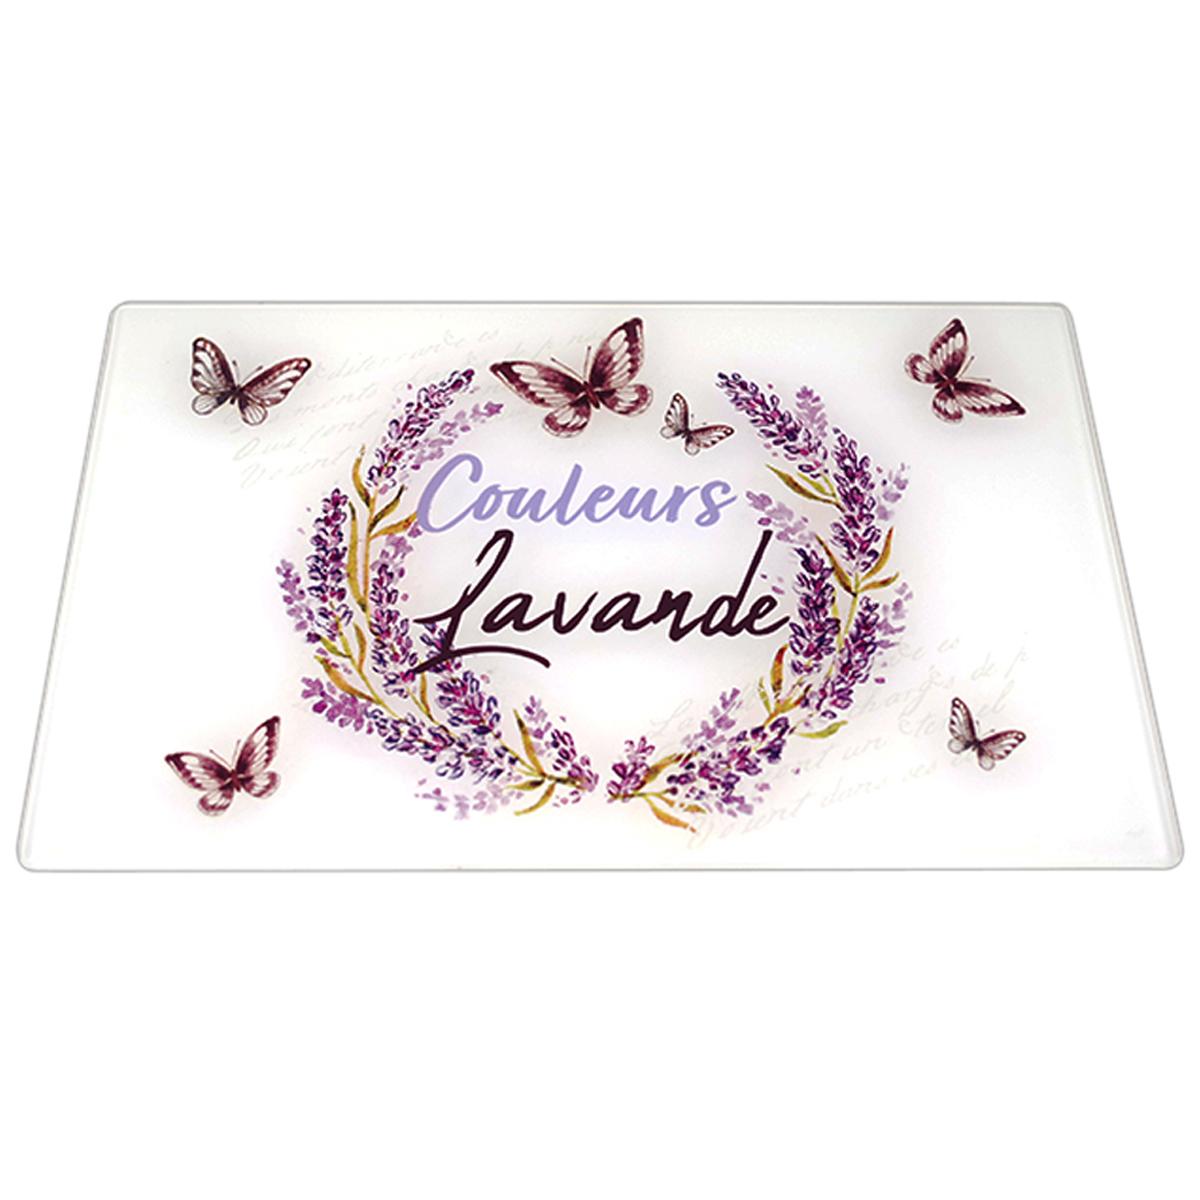 Planche à découpe / dessous de plat verre  \'Couleurs Lavande\' violet blanc - 30x20 cm - [A0026]